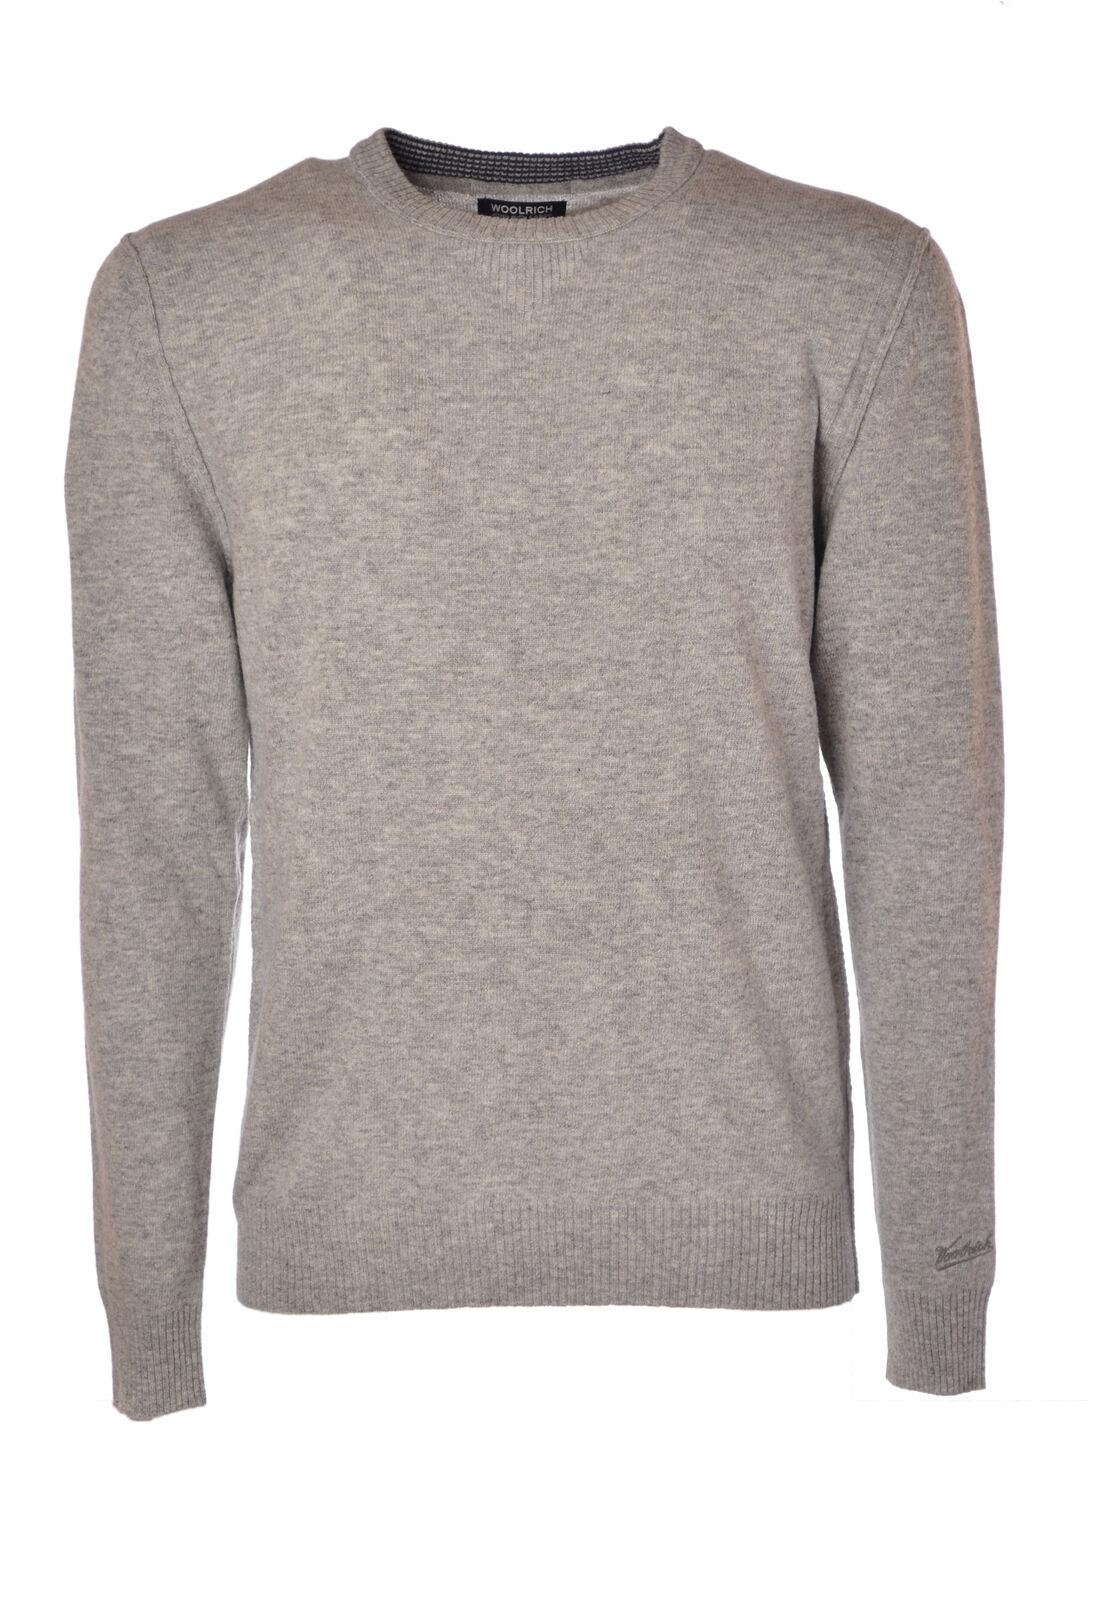 Woolrich  -  Sweaters - Male - Grau - 4215027A185214